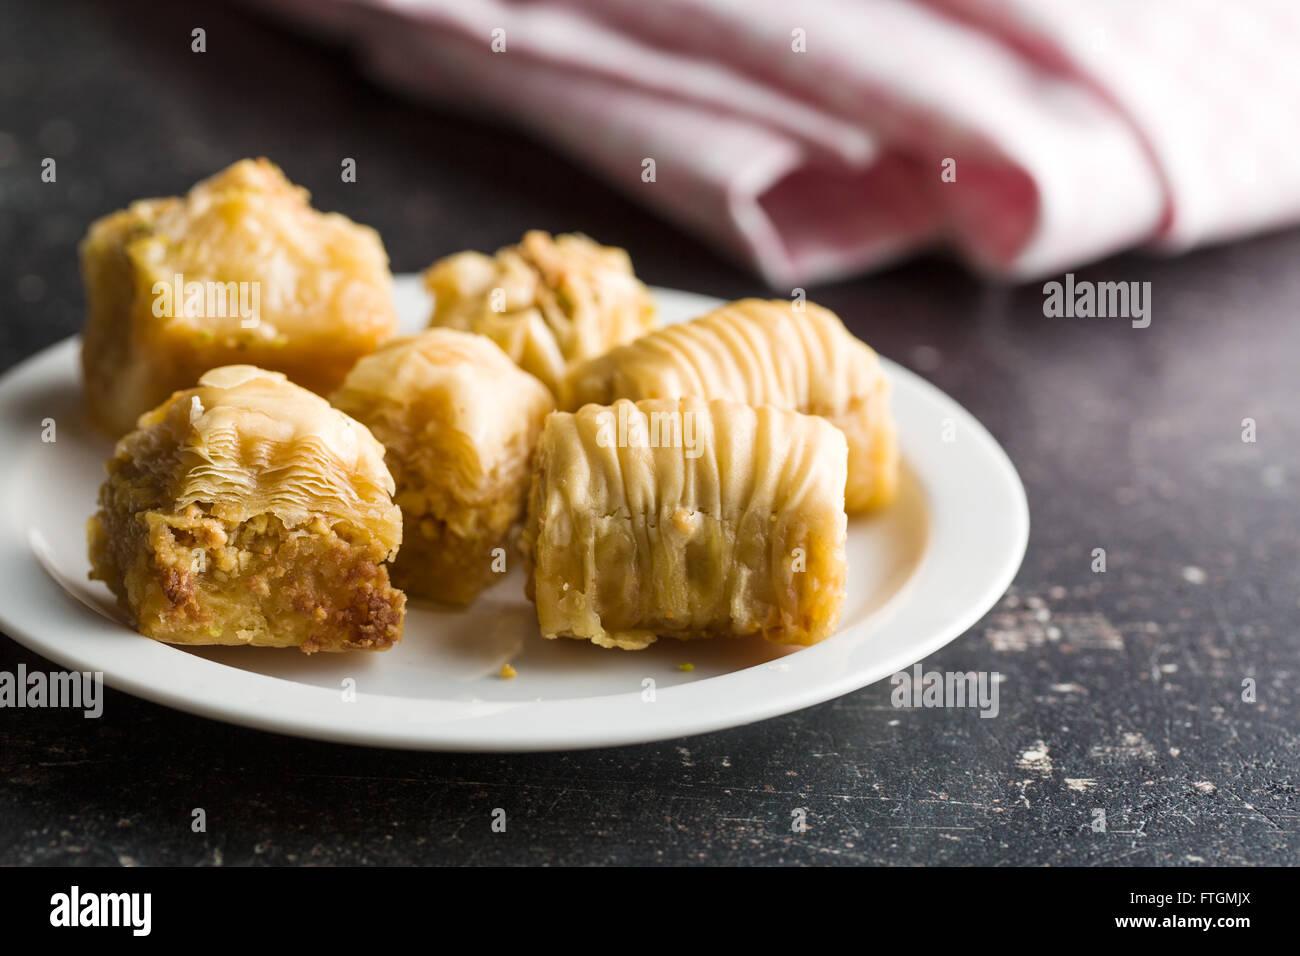 Dolce baklava dolce sulla piastra Immagini Stock